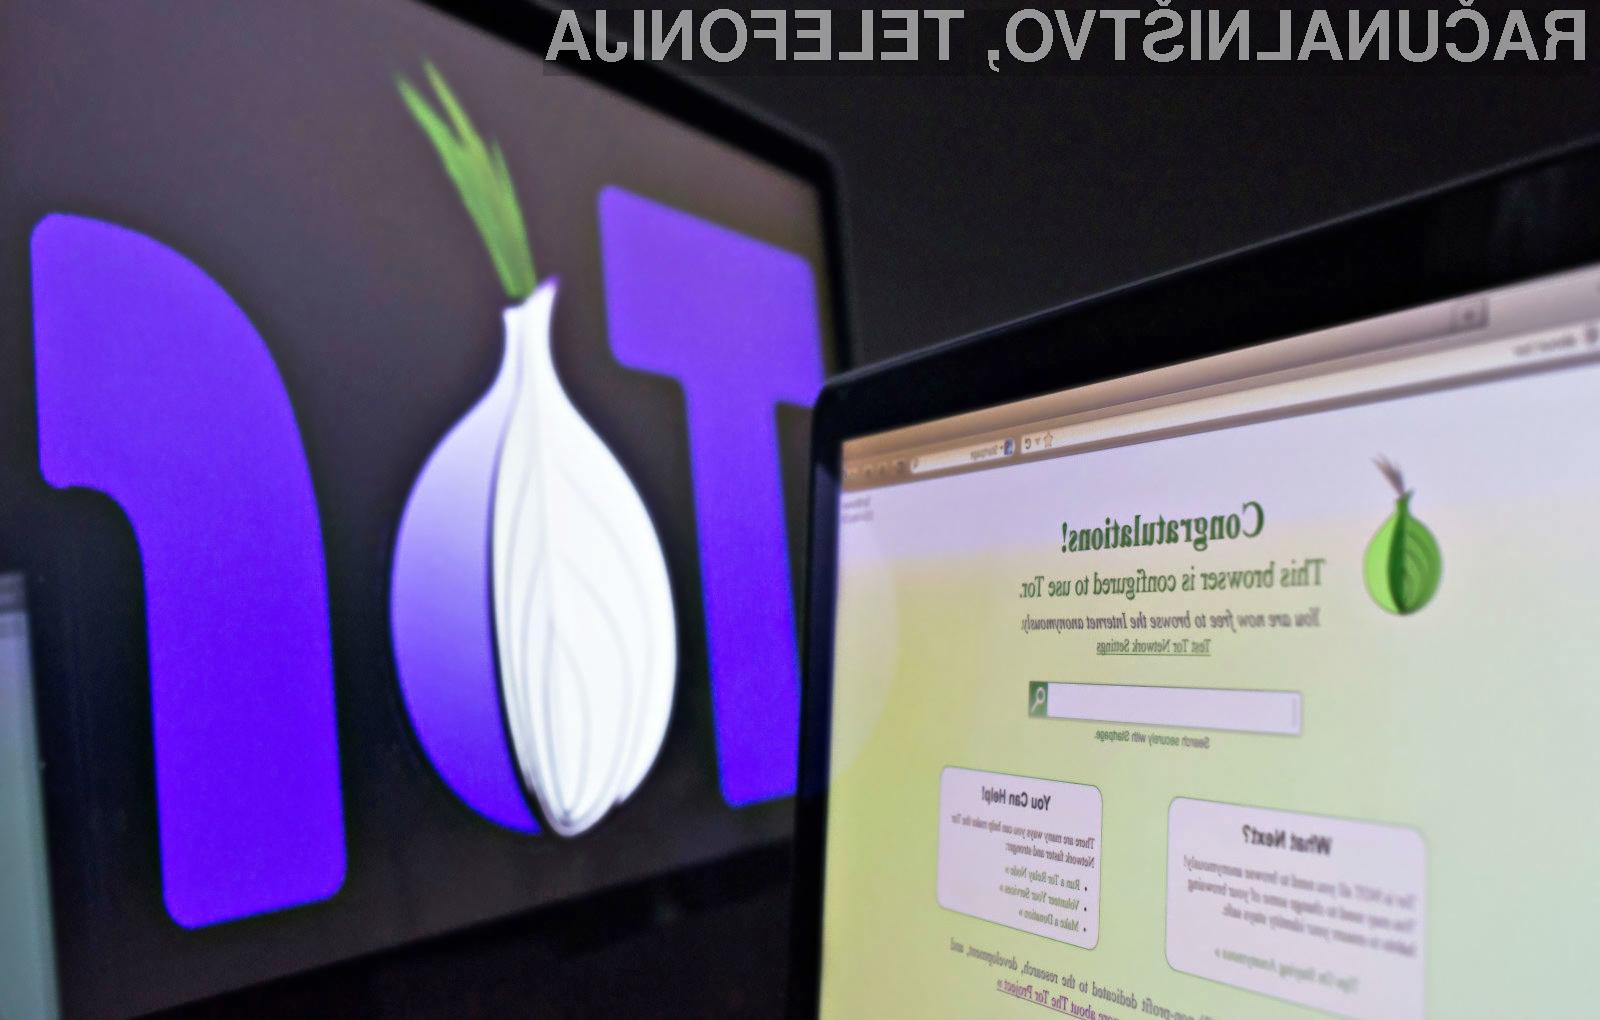 Novo omrežje Tor naj bi bilo precej bolj varno od zdajšnjega!